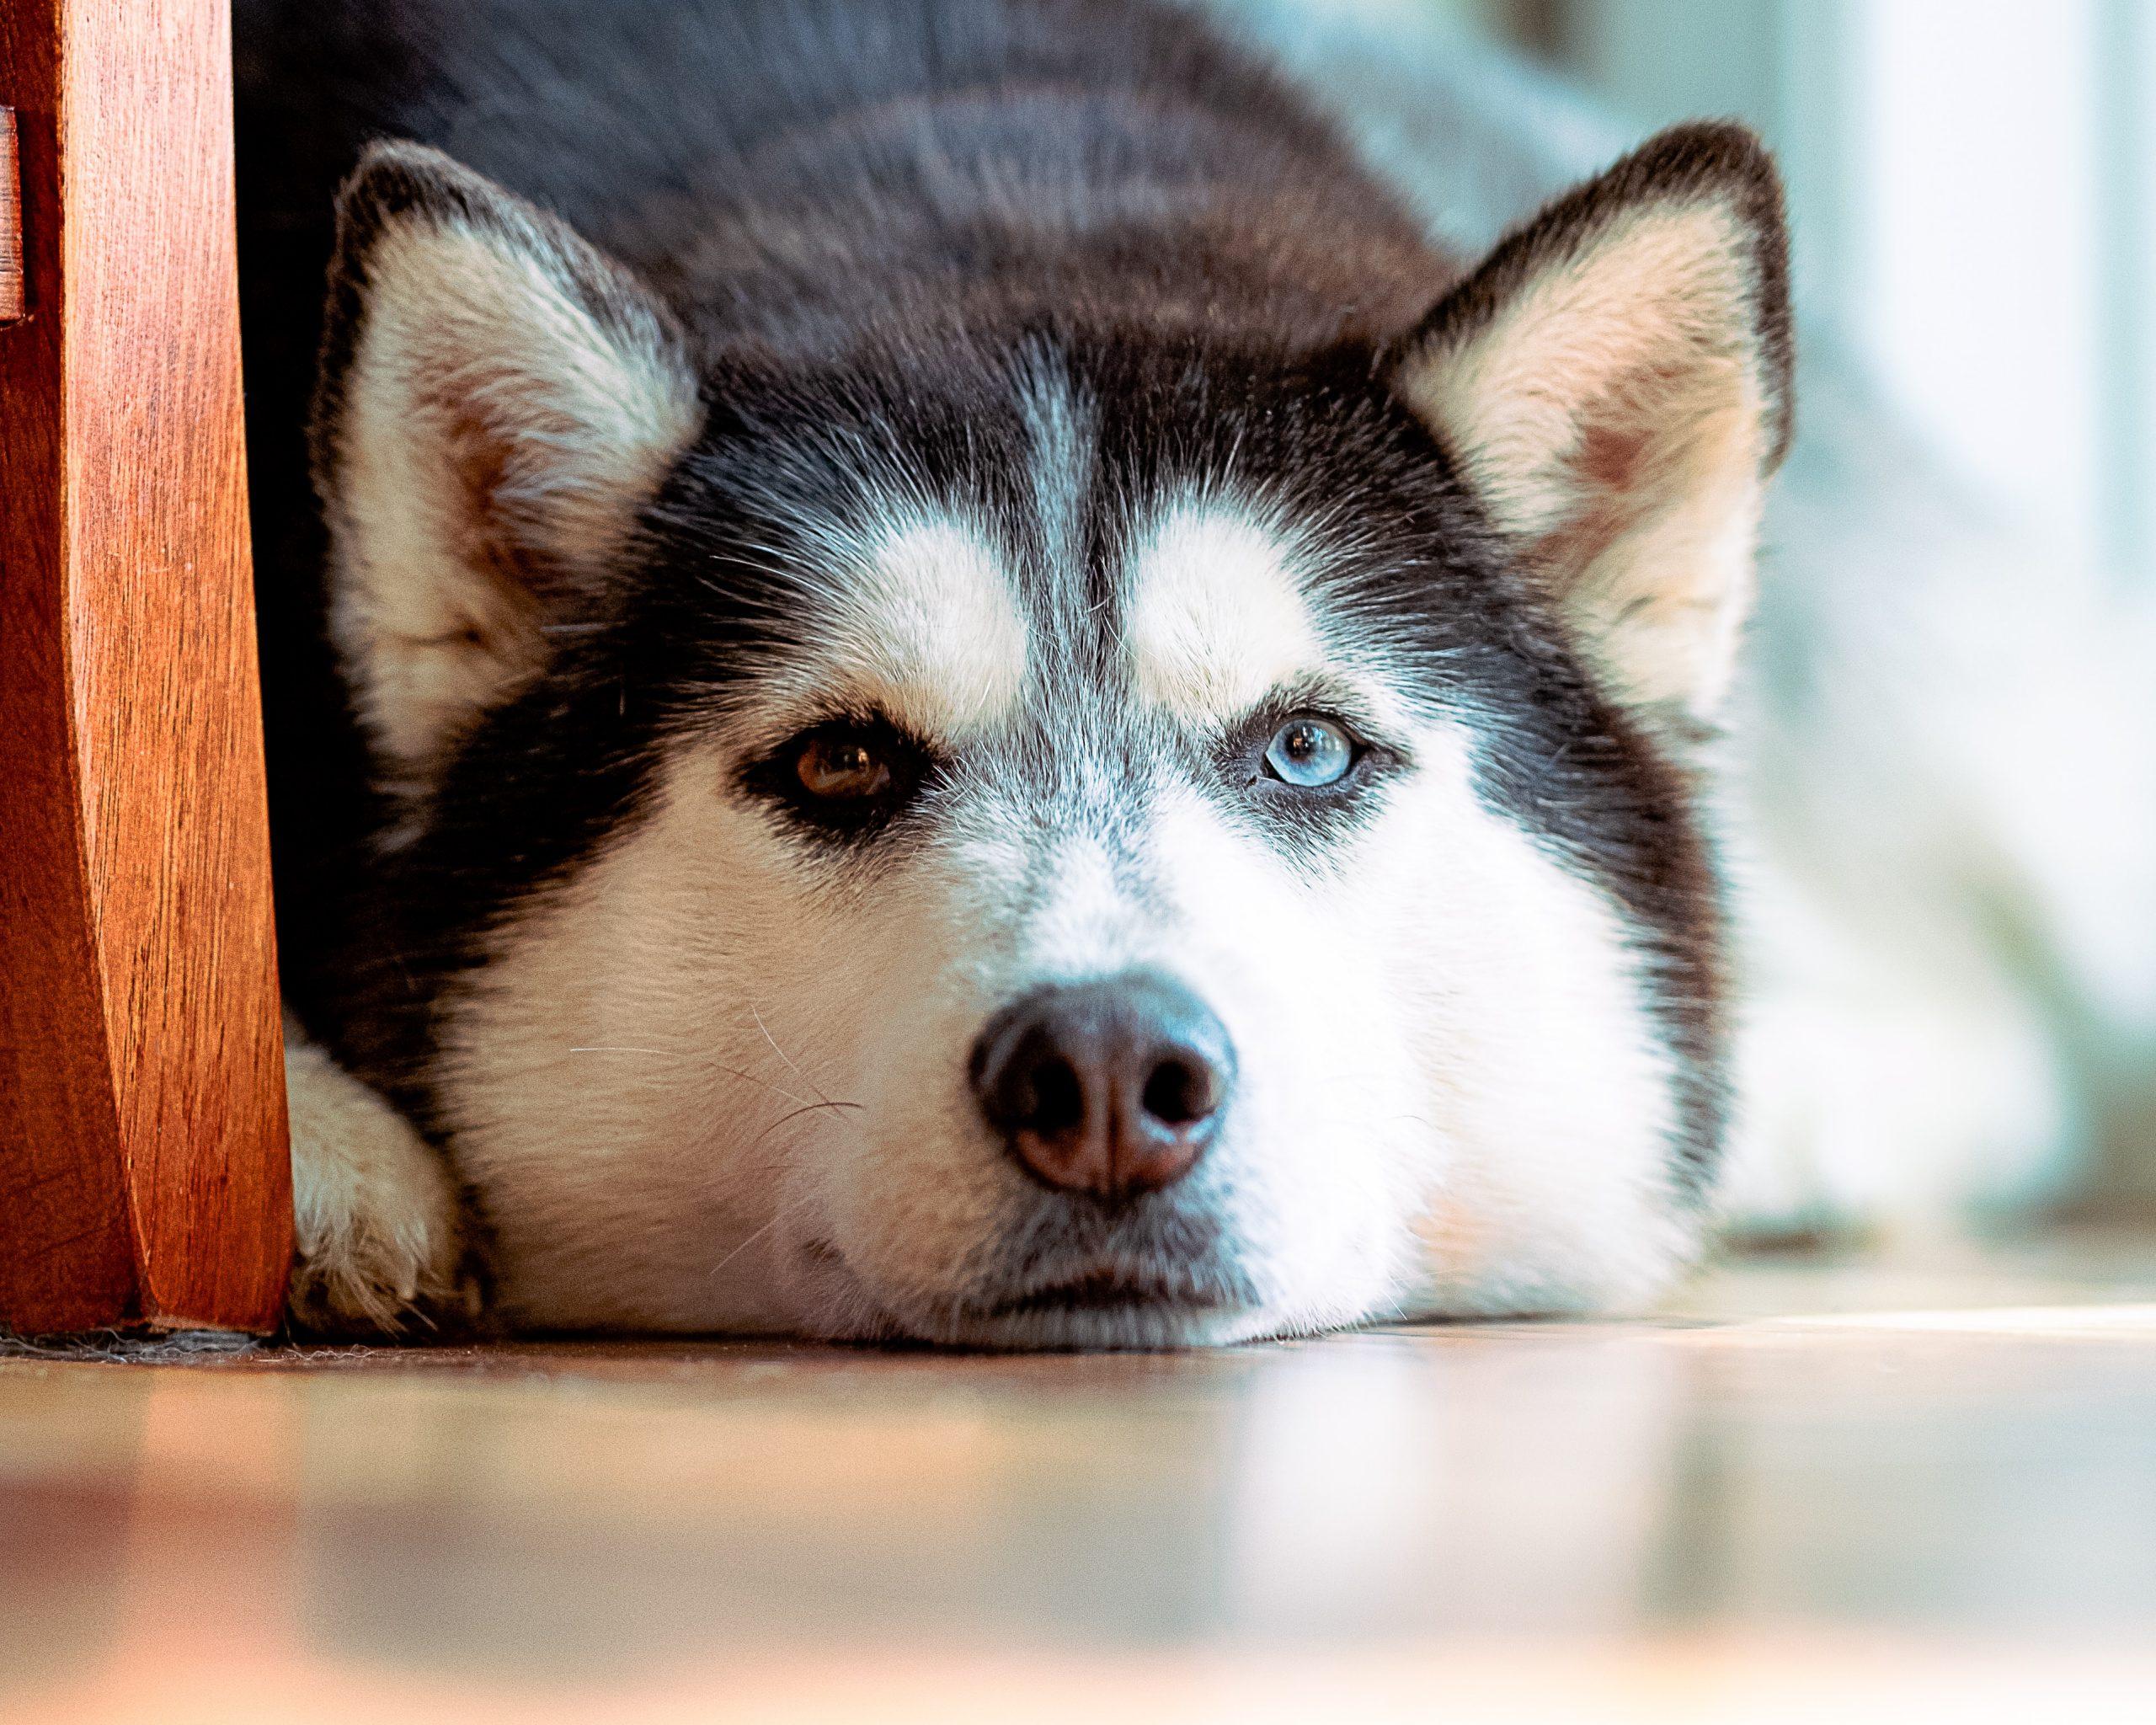 A lying husky.